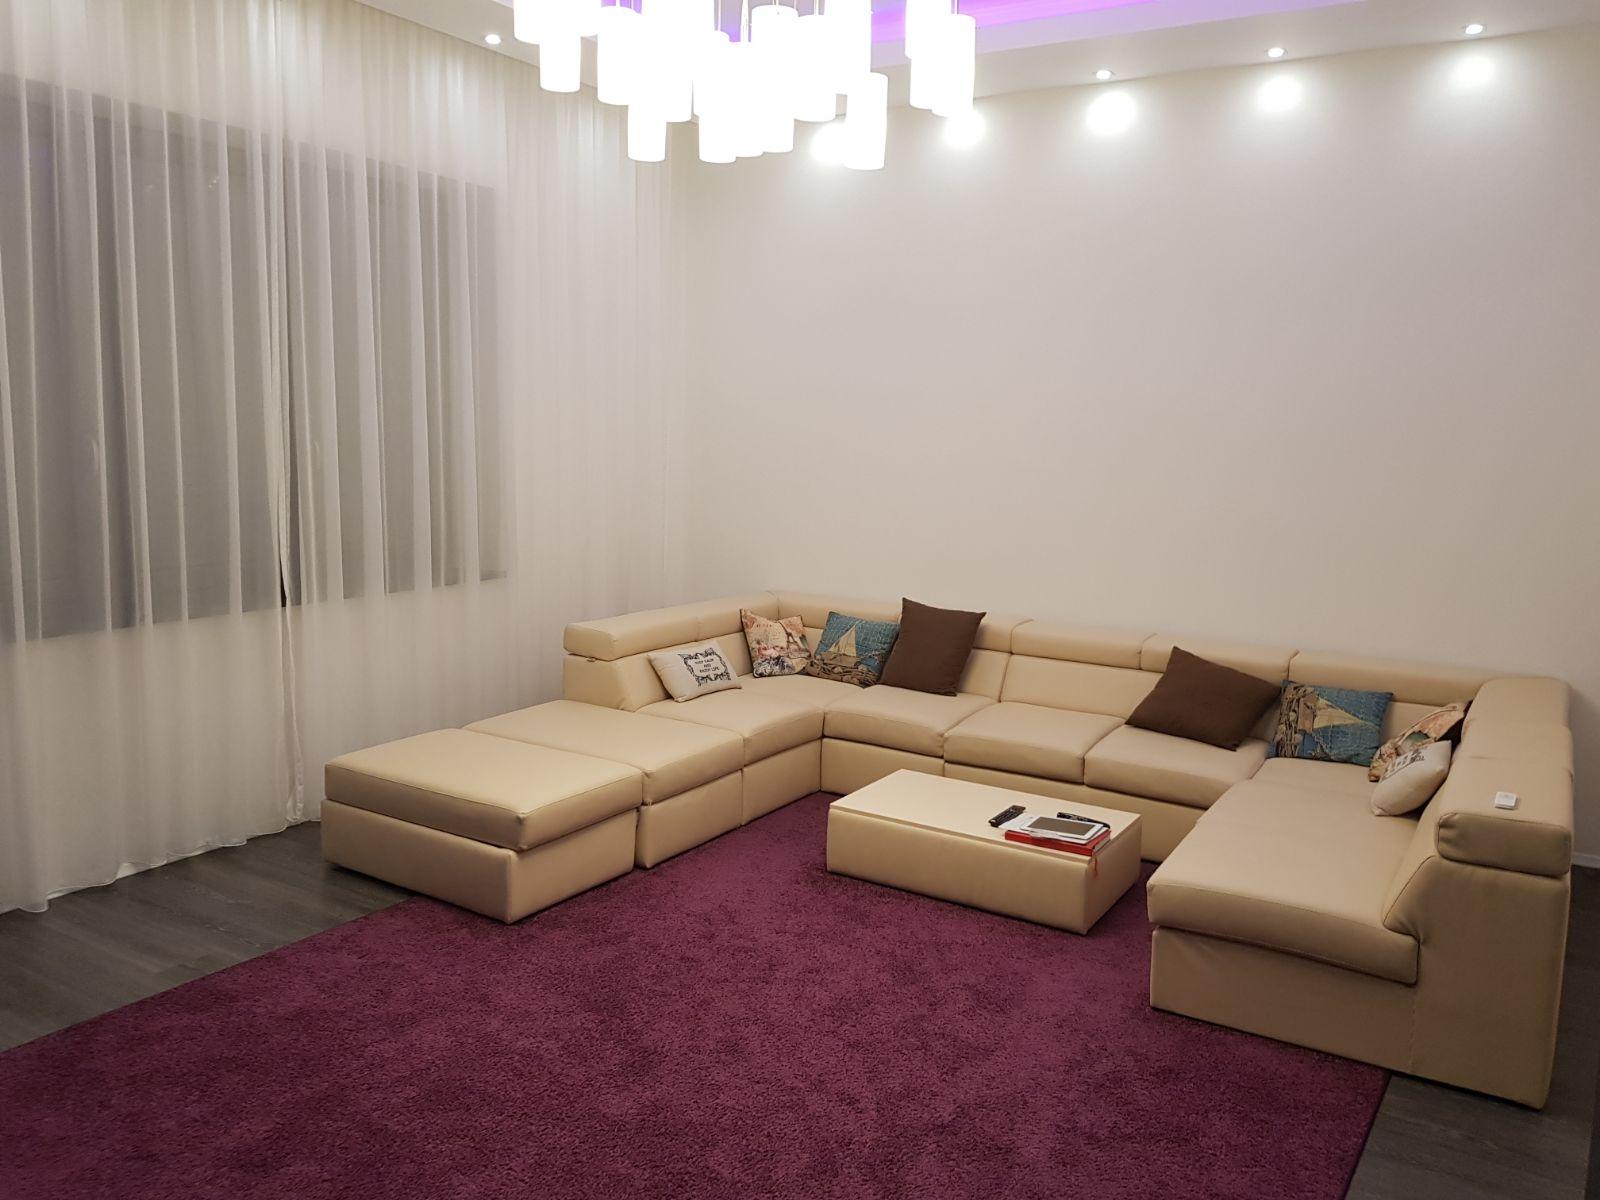 Vand casa D+P+M 5 camere zona Ultracentrala-Bela Bartok